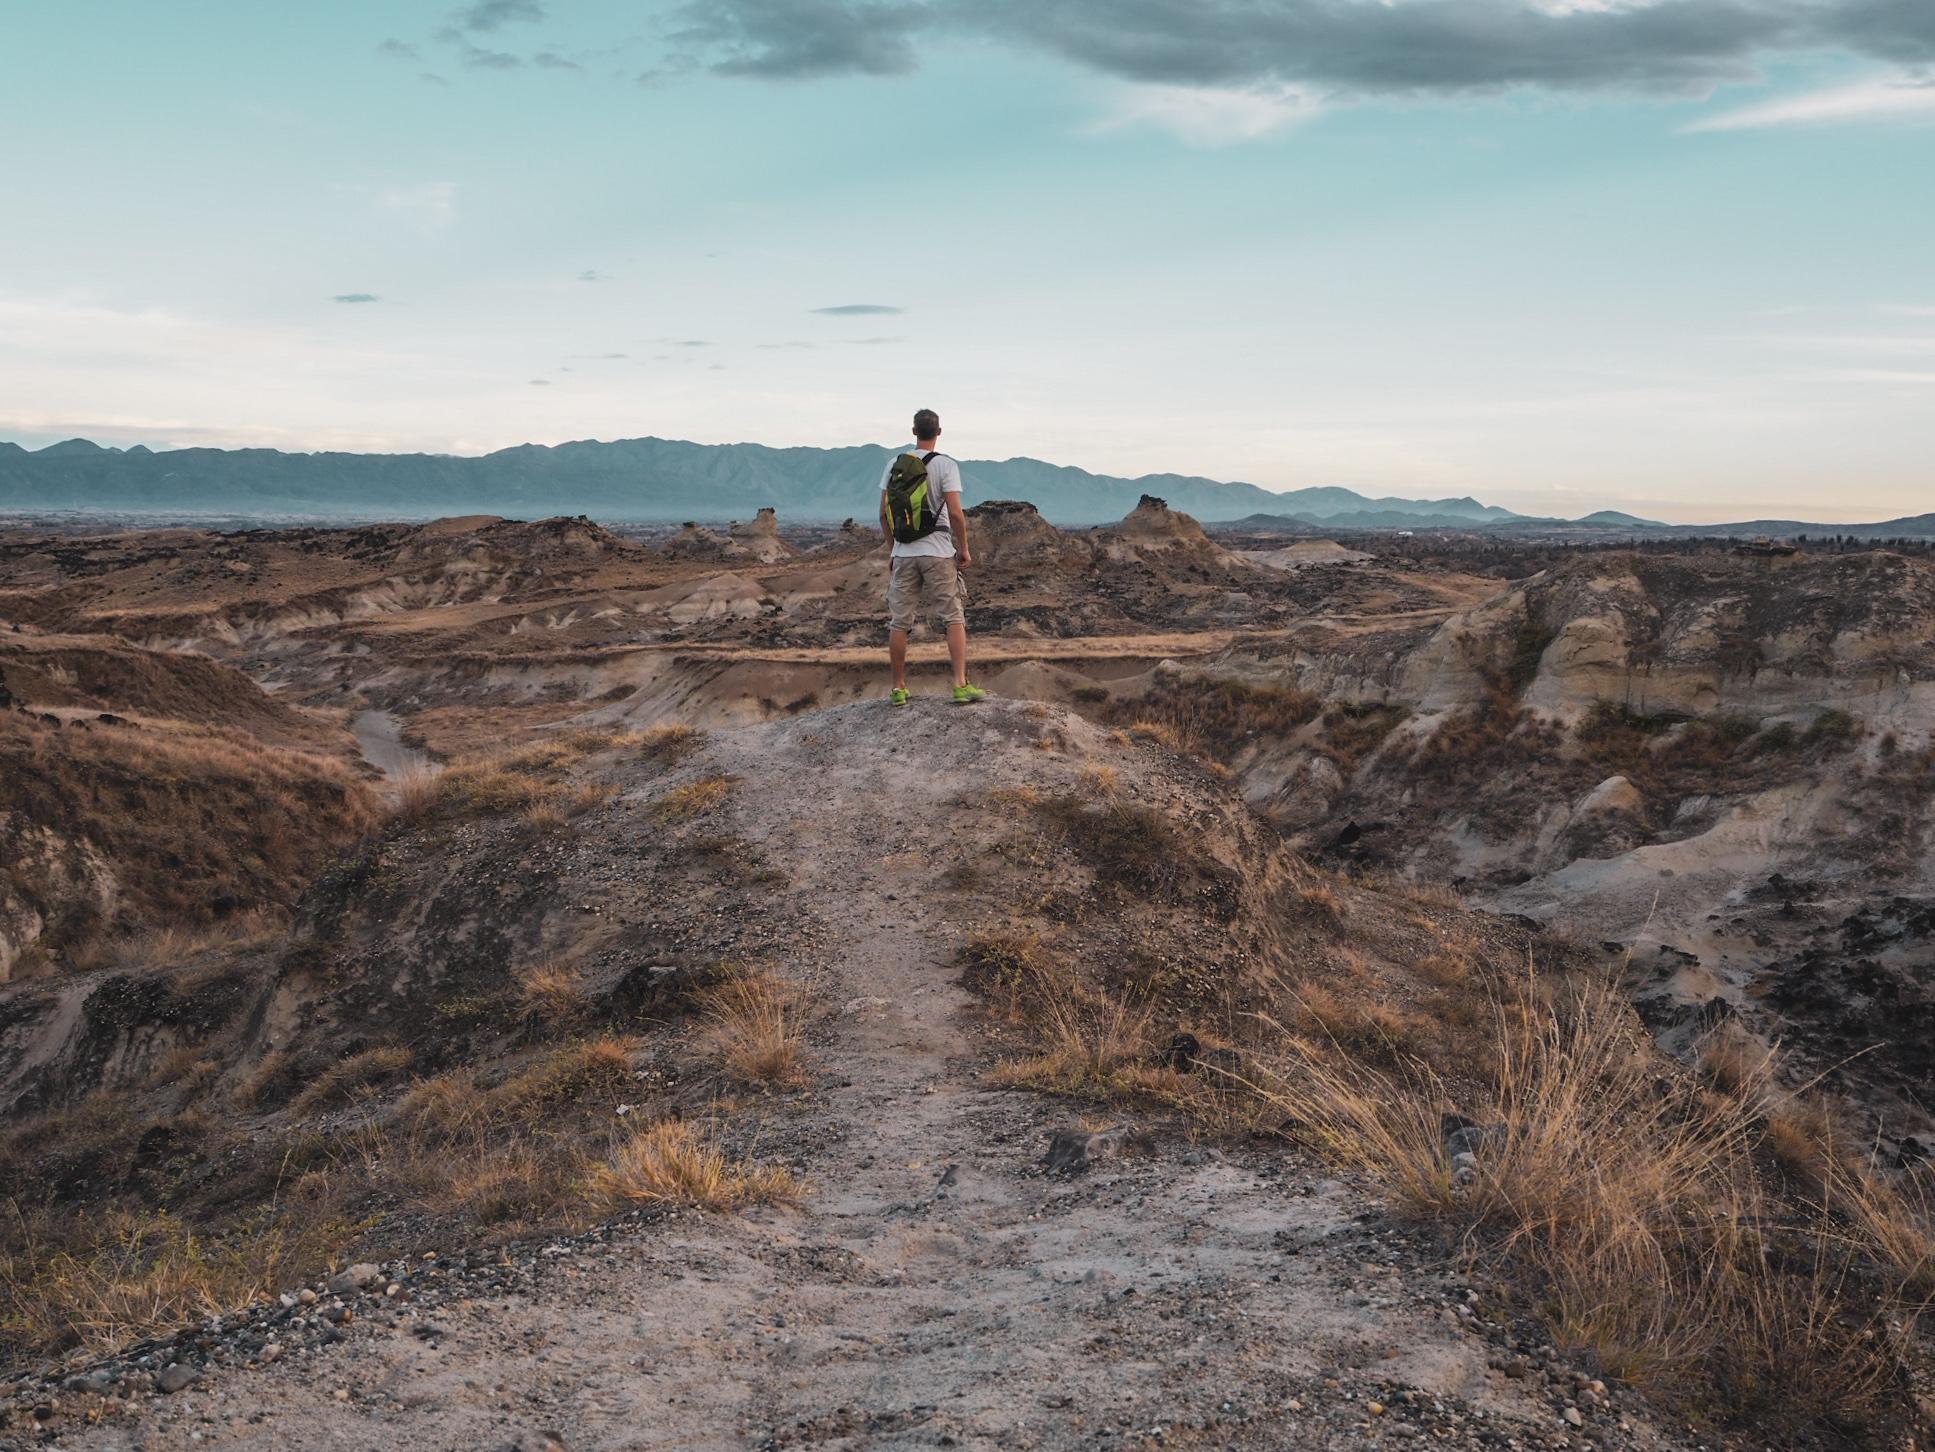 Desierto de la Tatacoa - Die Einfachheit der Wüste 8